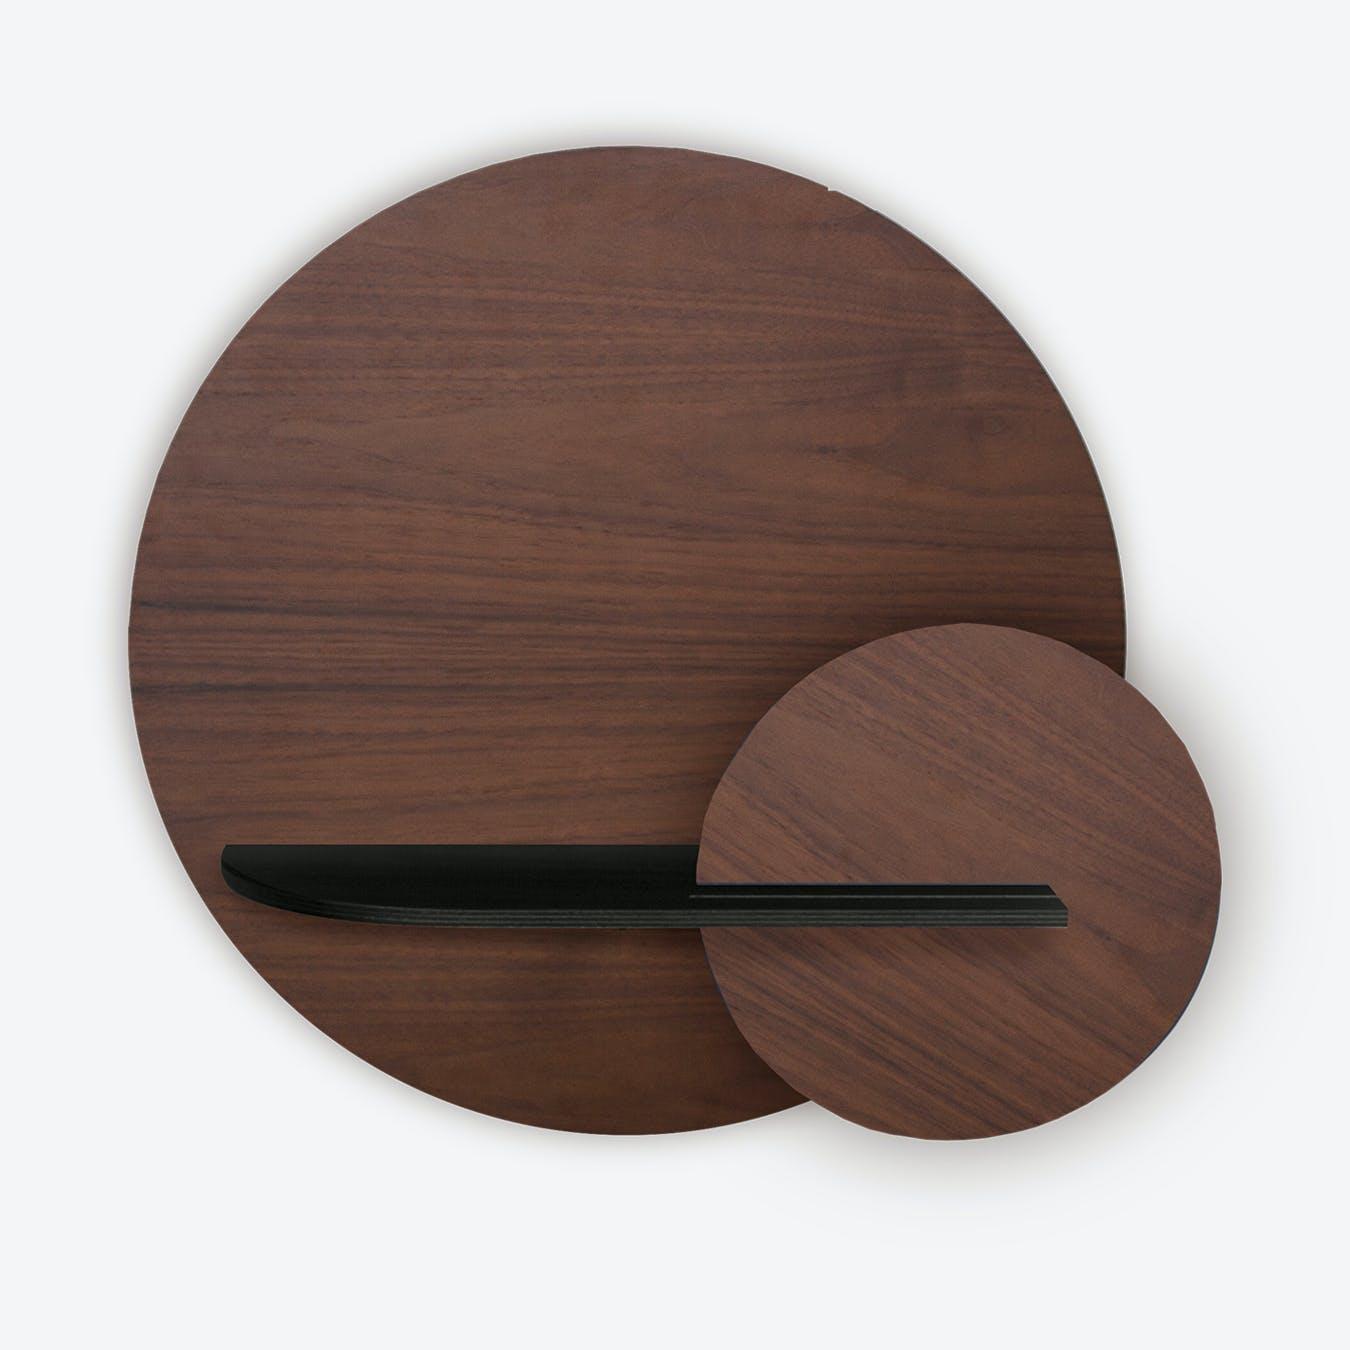 Alba M Circle Wall Shelf - Walnut/Black/Walnut